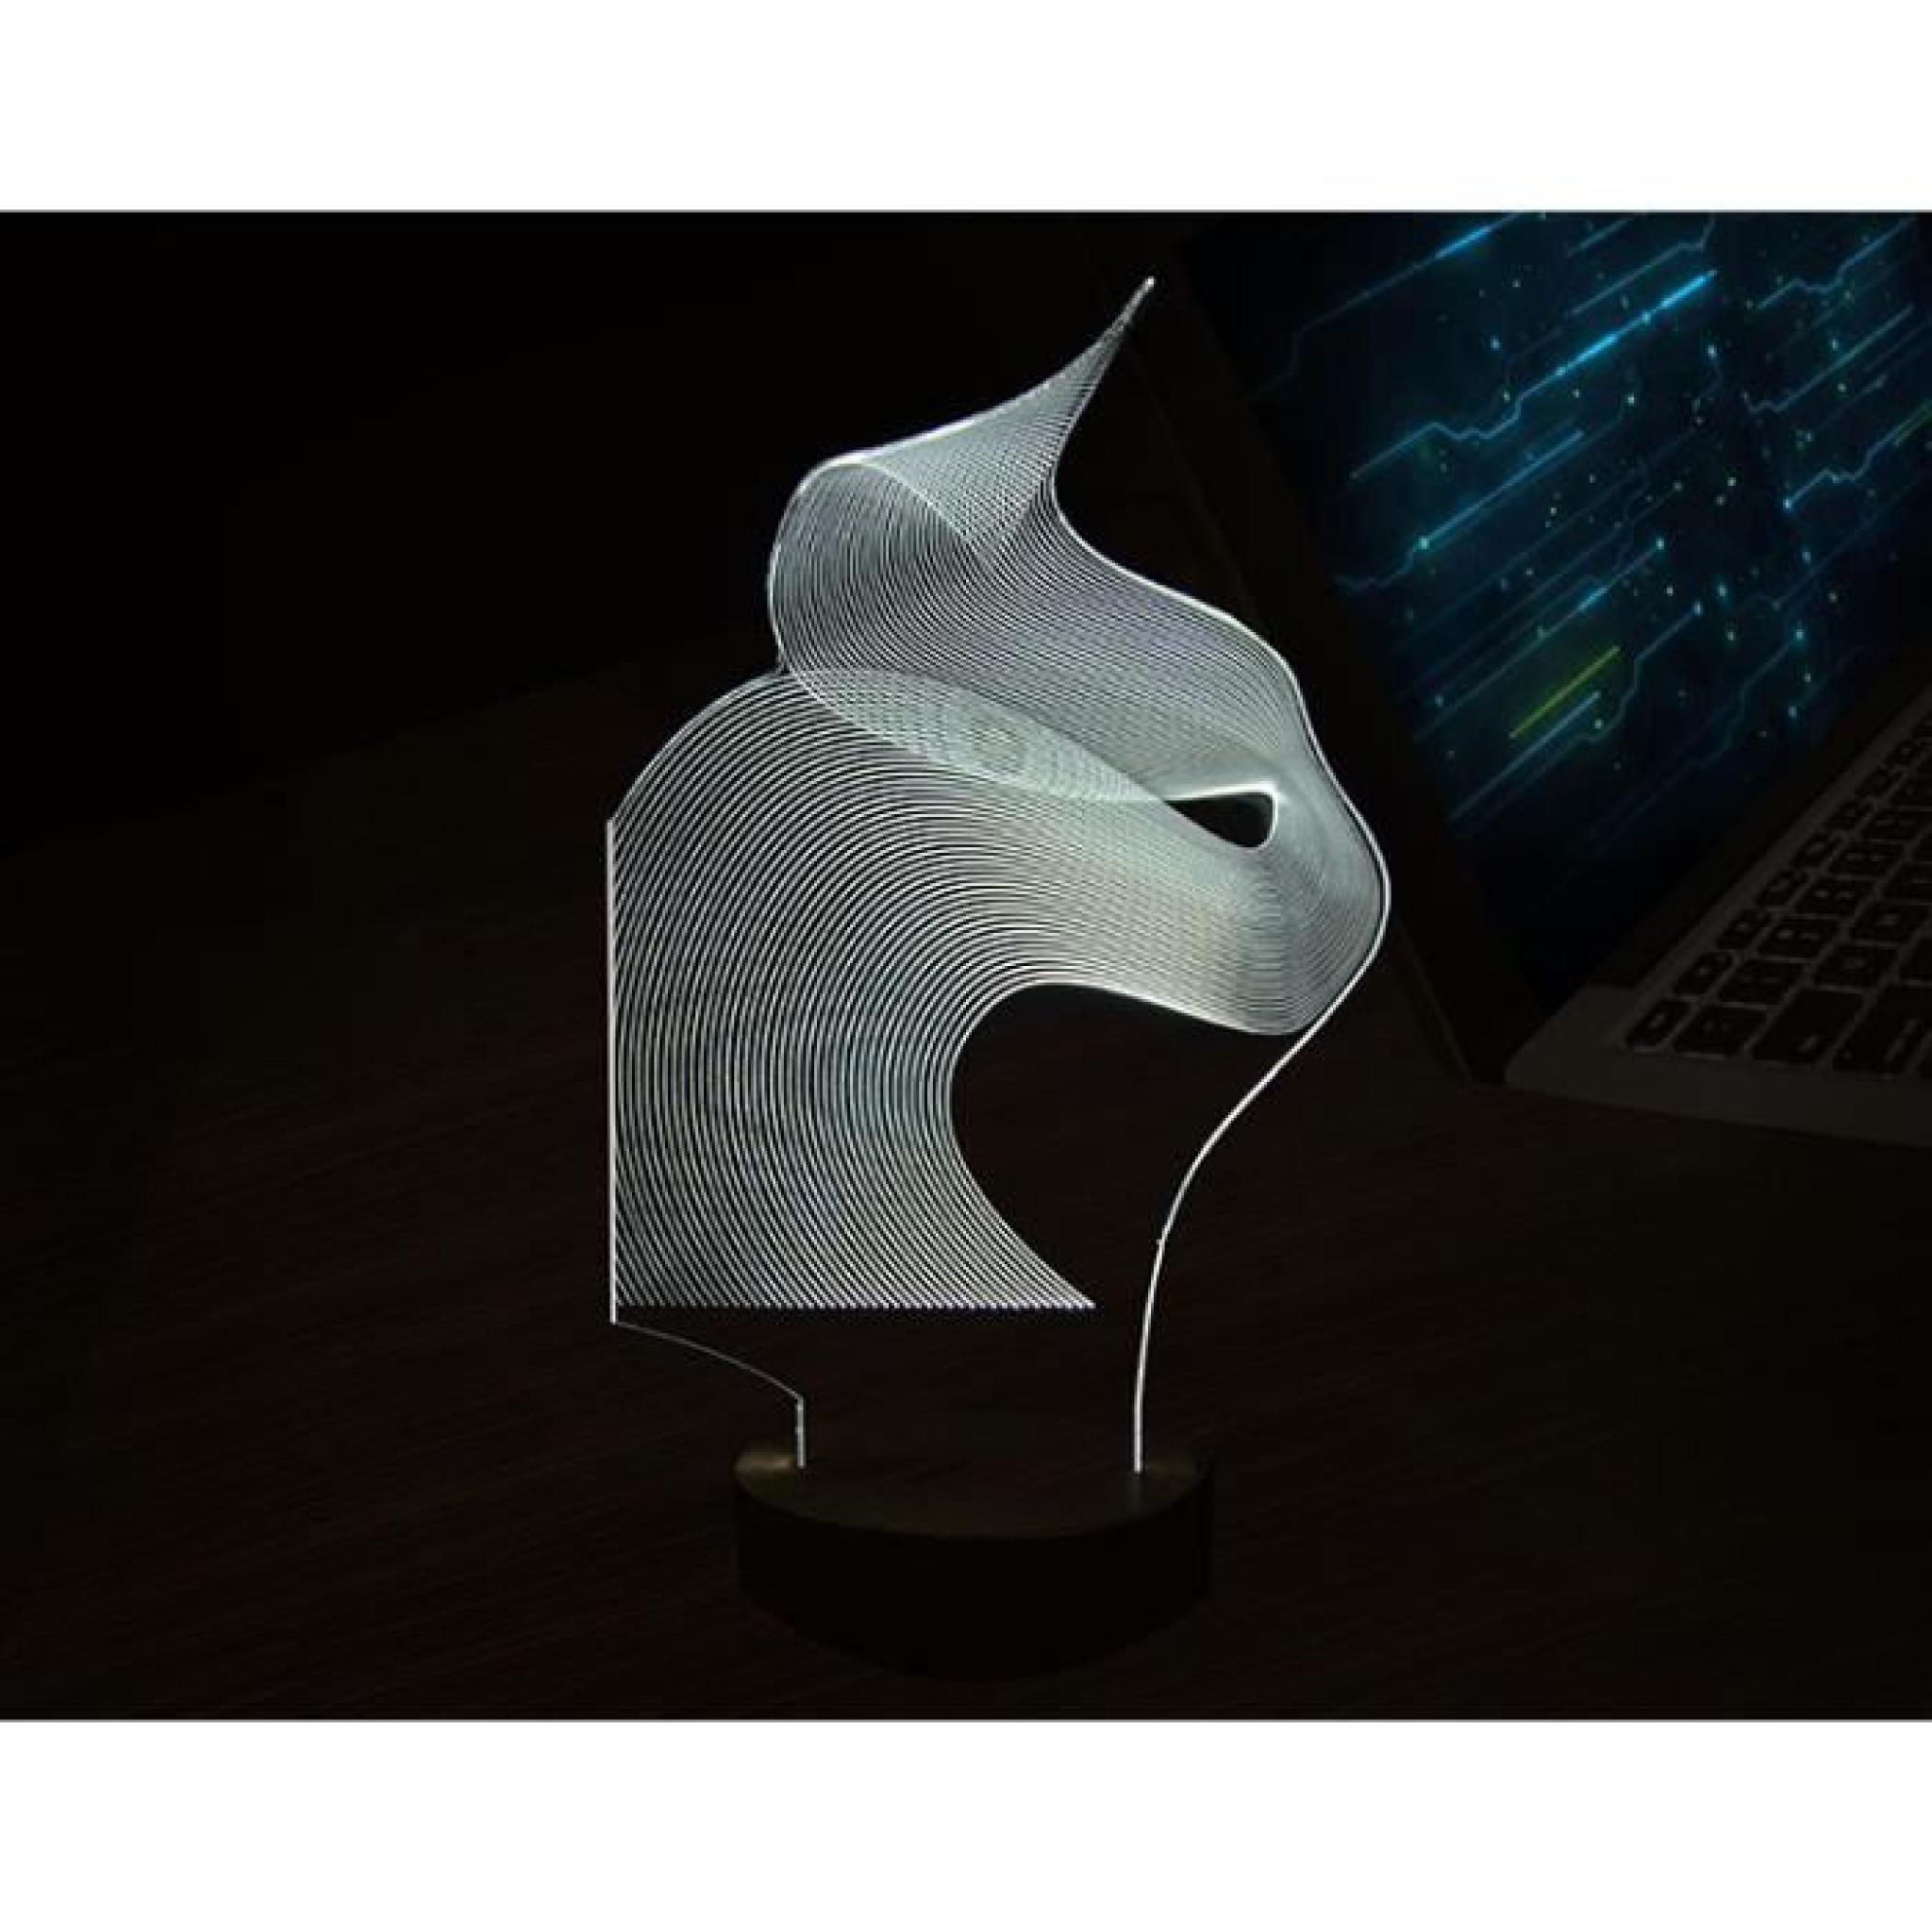 3d Table Veilleuse Chat Minimaliste Créative De Bois Stéréoscopique Lampe Led Abstraite uOiXZkP